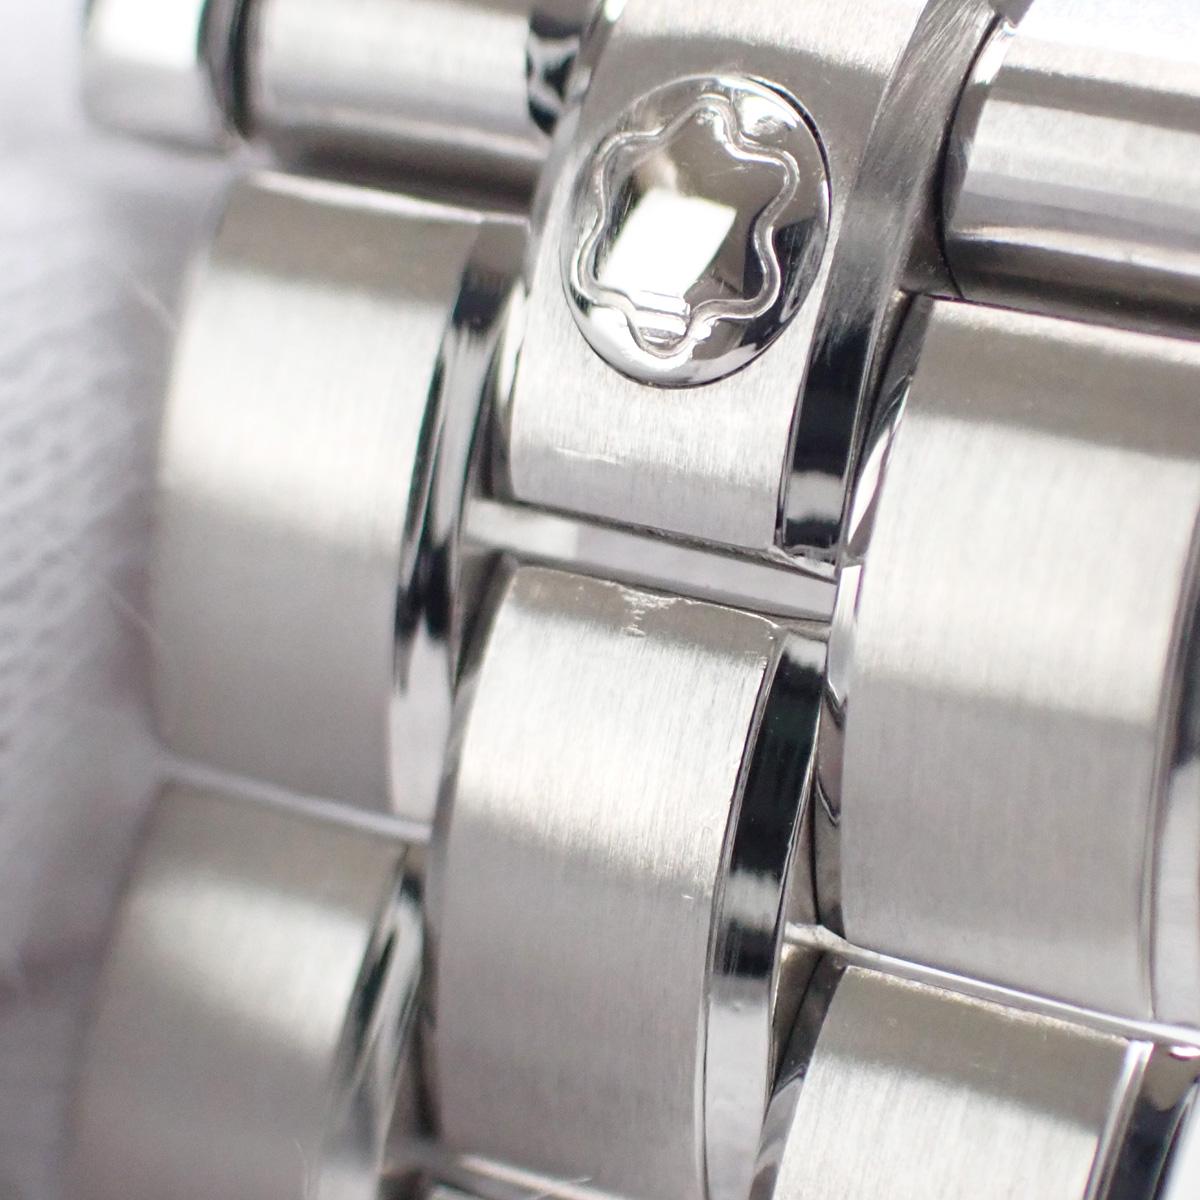 【辛口評価】【Aランク】MONTBLANC モンブラン スター デイト オートマティック MB107316 ブルーリーフ針 シルバー文字盤